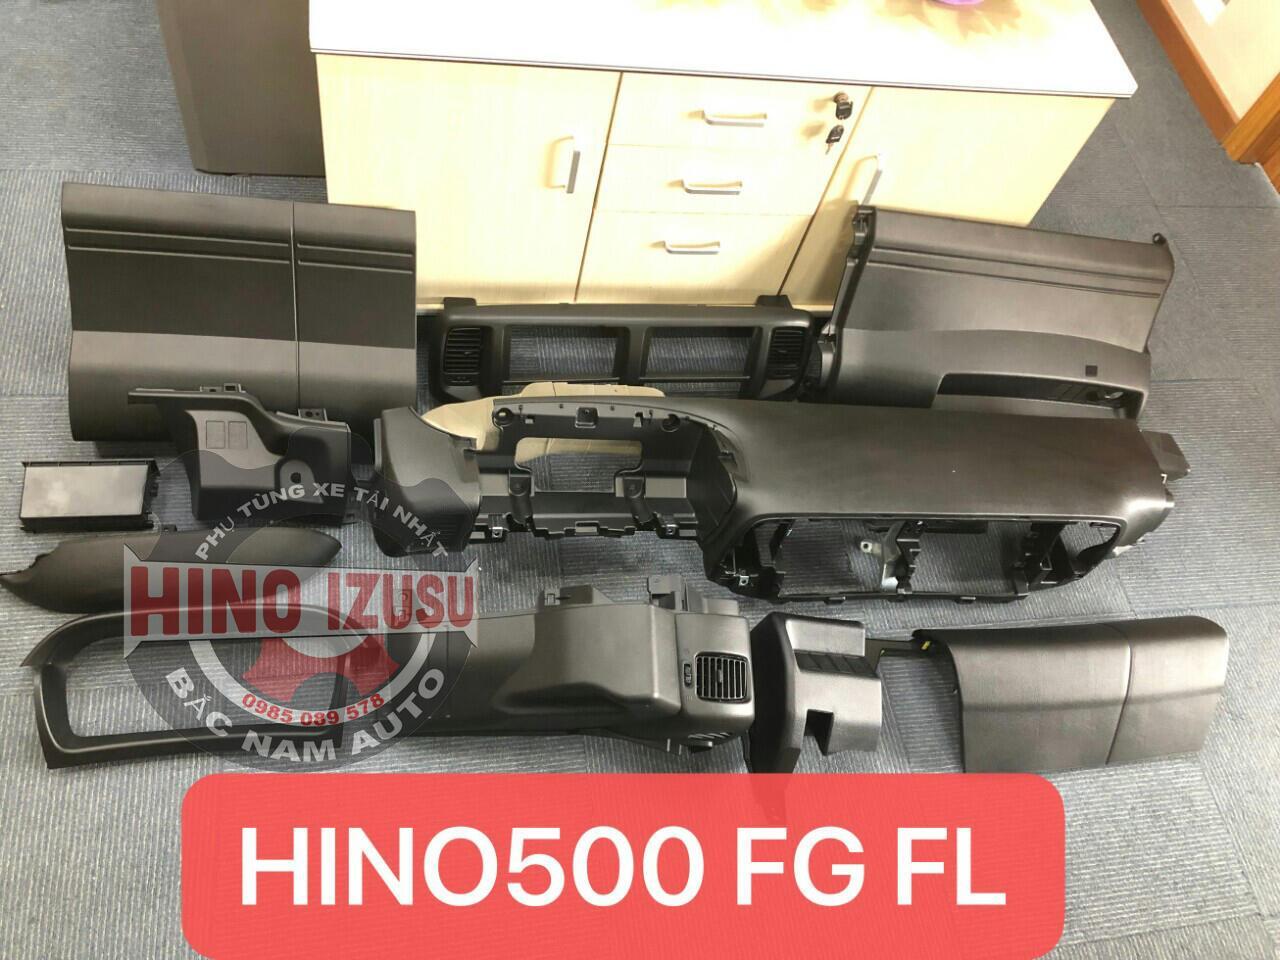 BỘ VỎ TAPLO XE TẢI HINO 500 FG FL